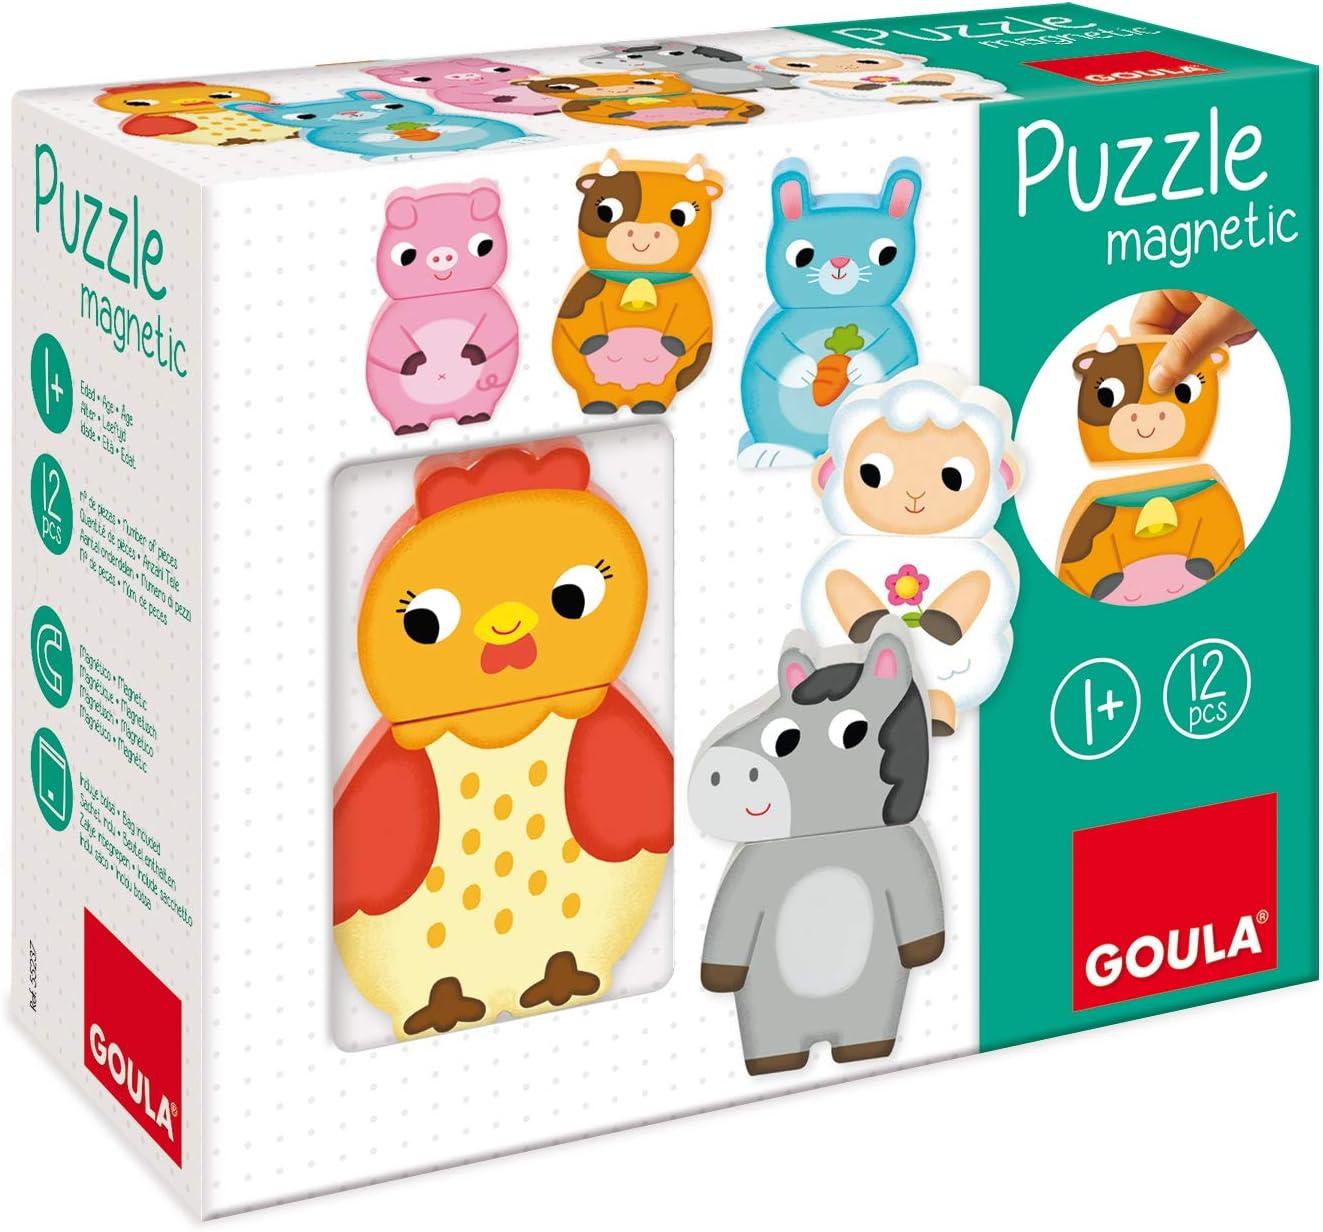 Goula - Puzzle magnético animales granja - Puzzle de madera a partir de 1 año: Amazon.es: Juguetes y juegos